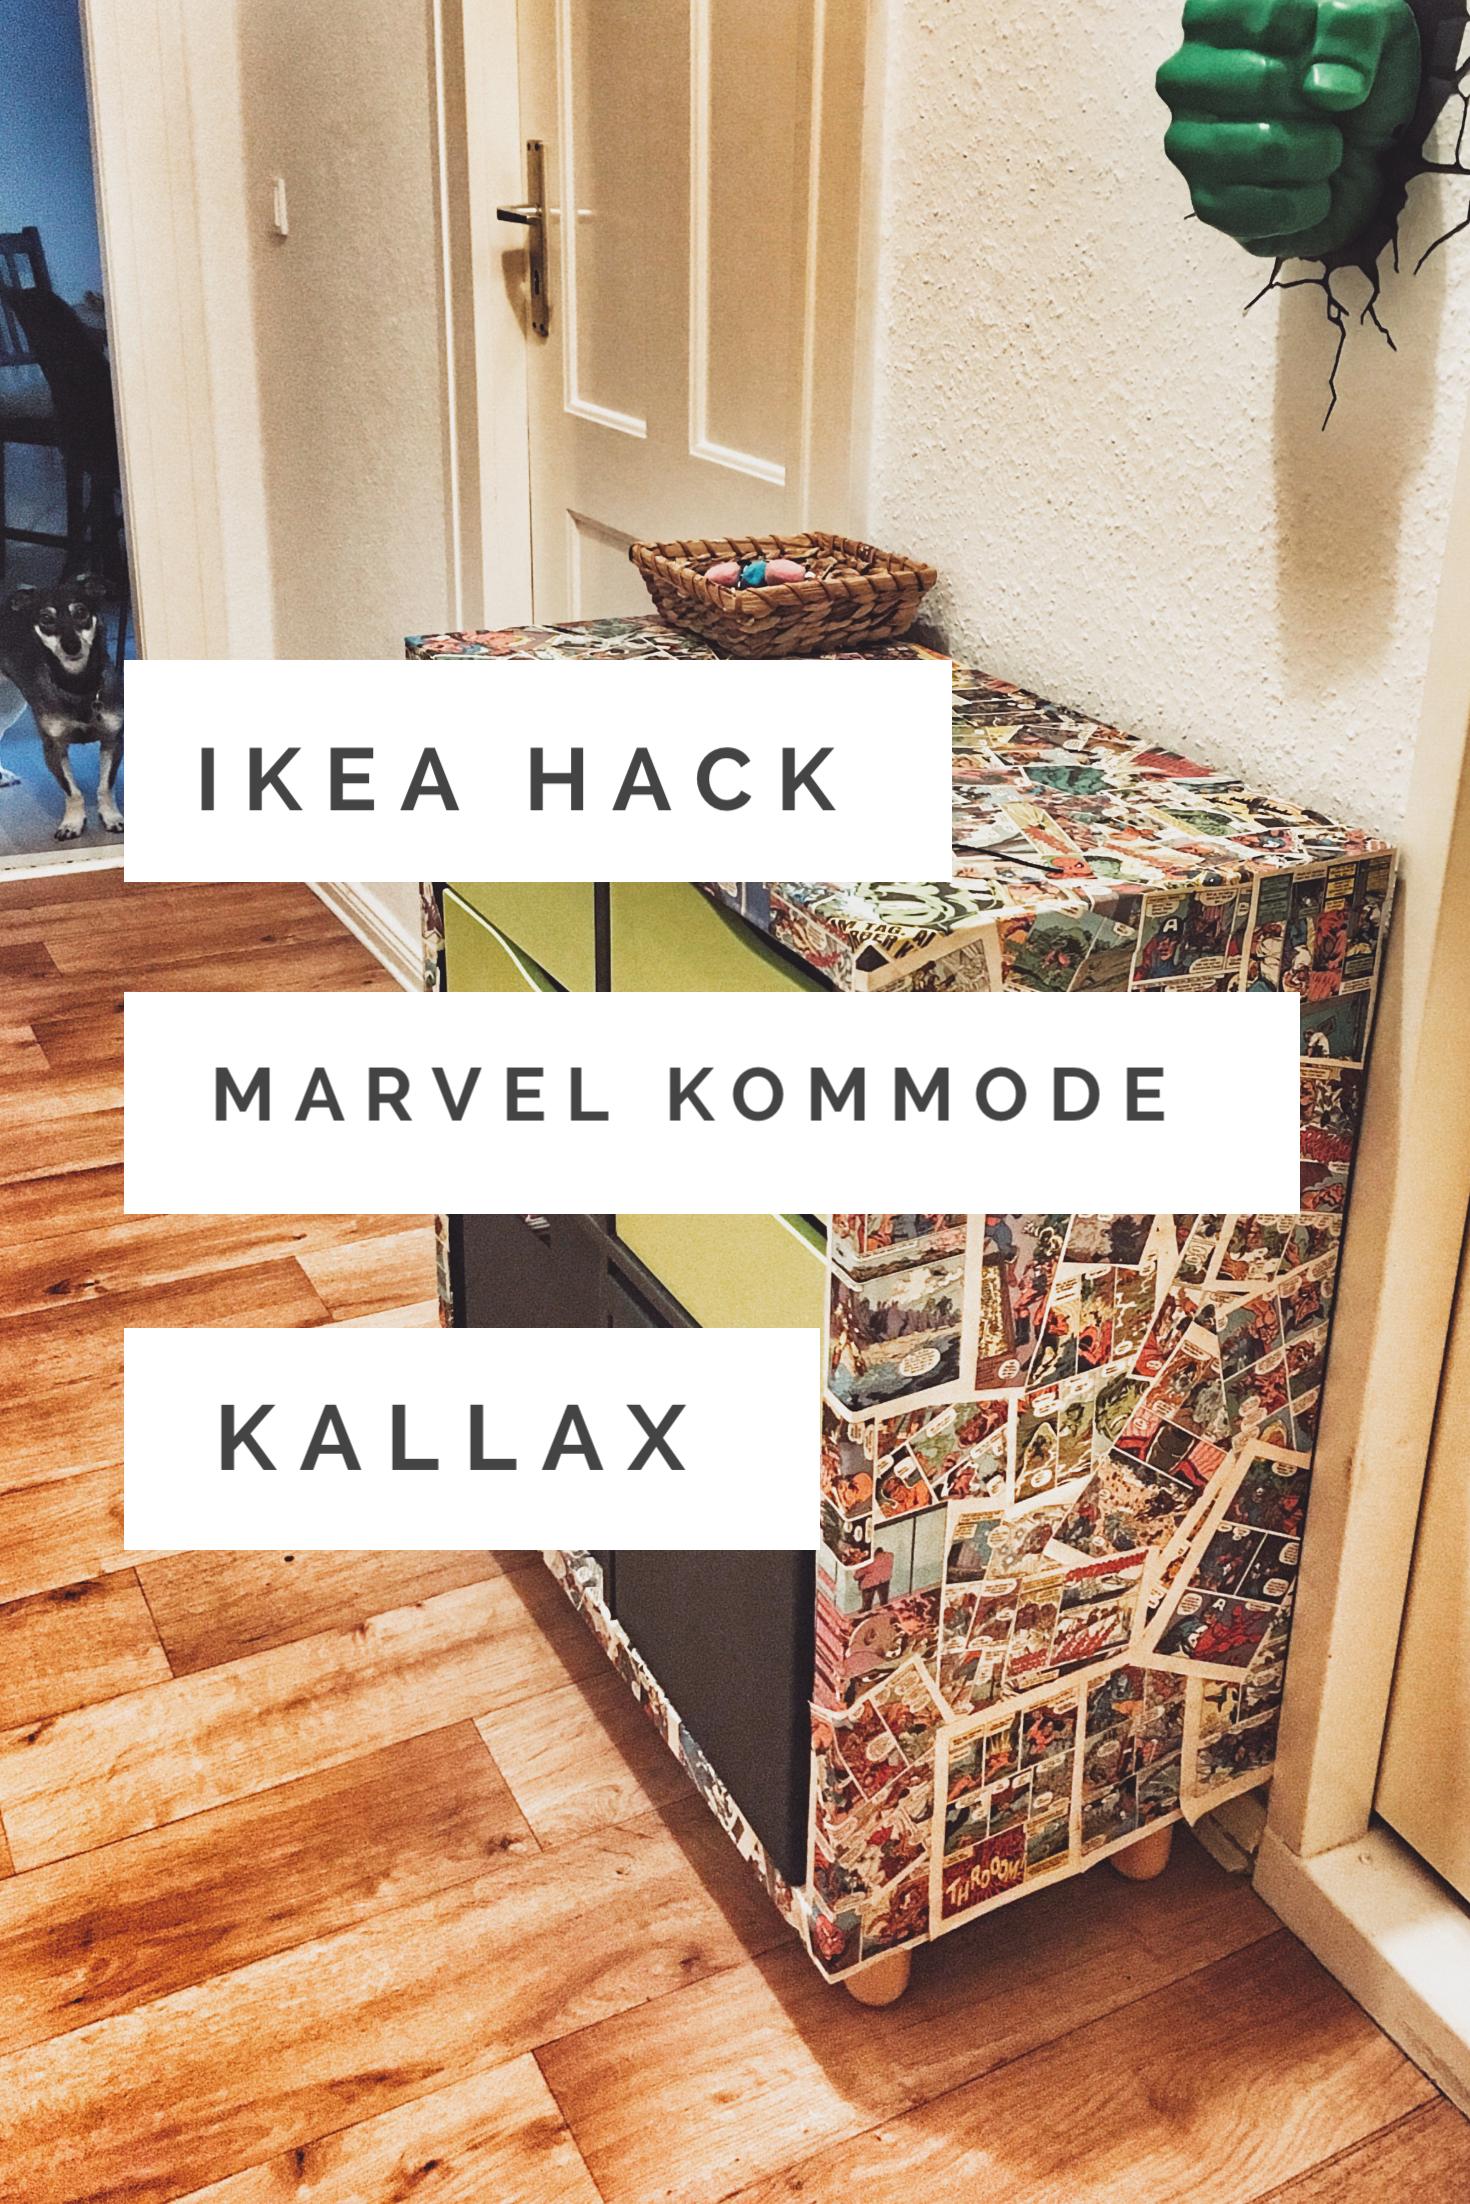 Fantastisch Ikea Küche Lagerung Hacks Bilder - Ideen Für Die Küche ...